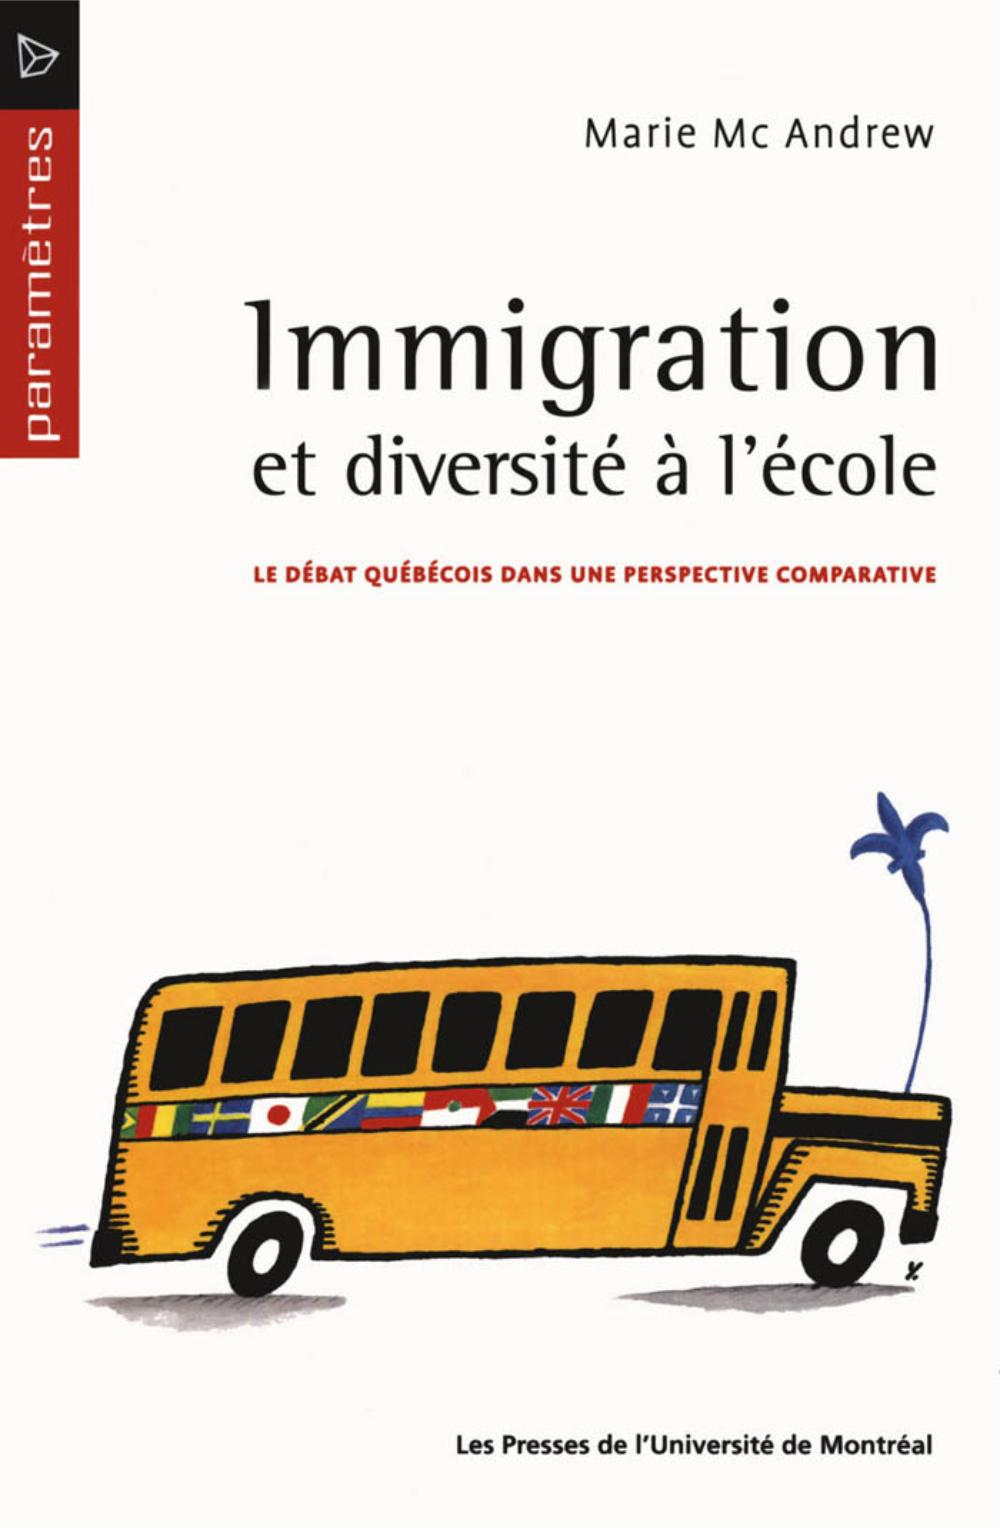 Immigration et diversité à l'école. Le débat québécois dans une perspective comparative